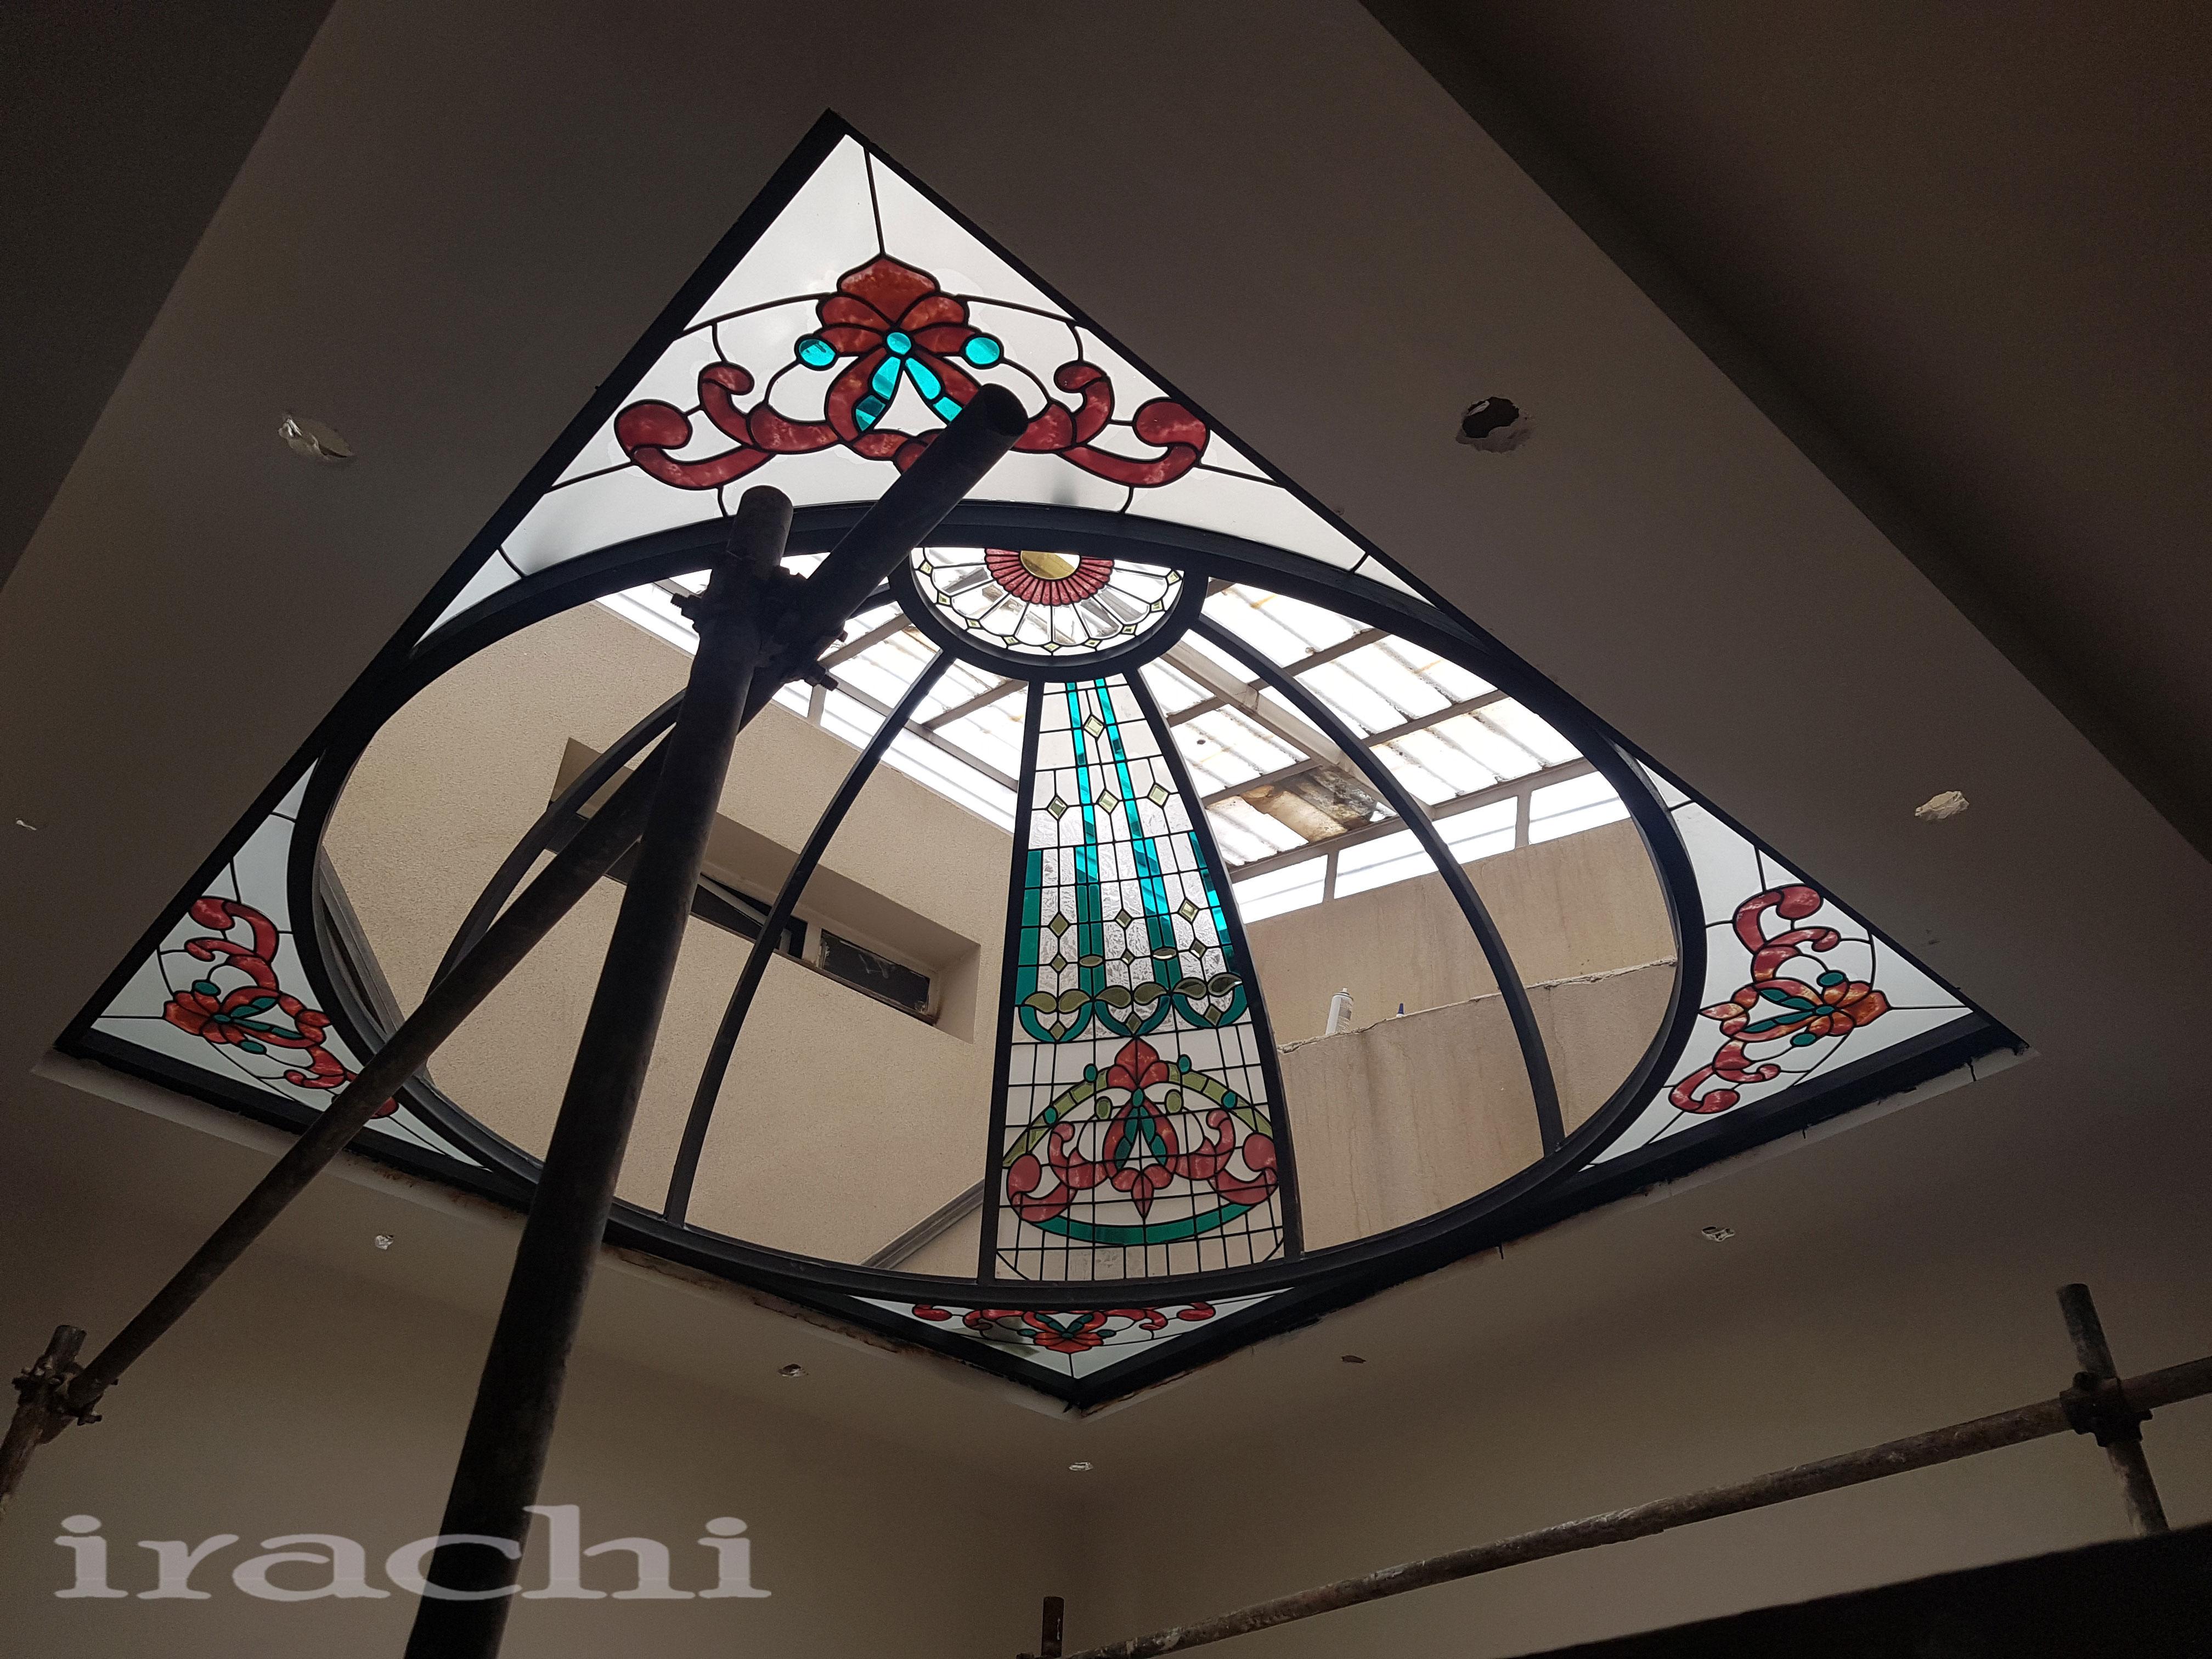 گنبد شیشه ای استین گلاس در شرکت مهراز